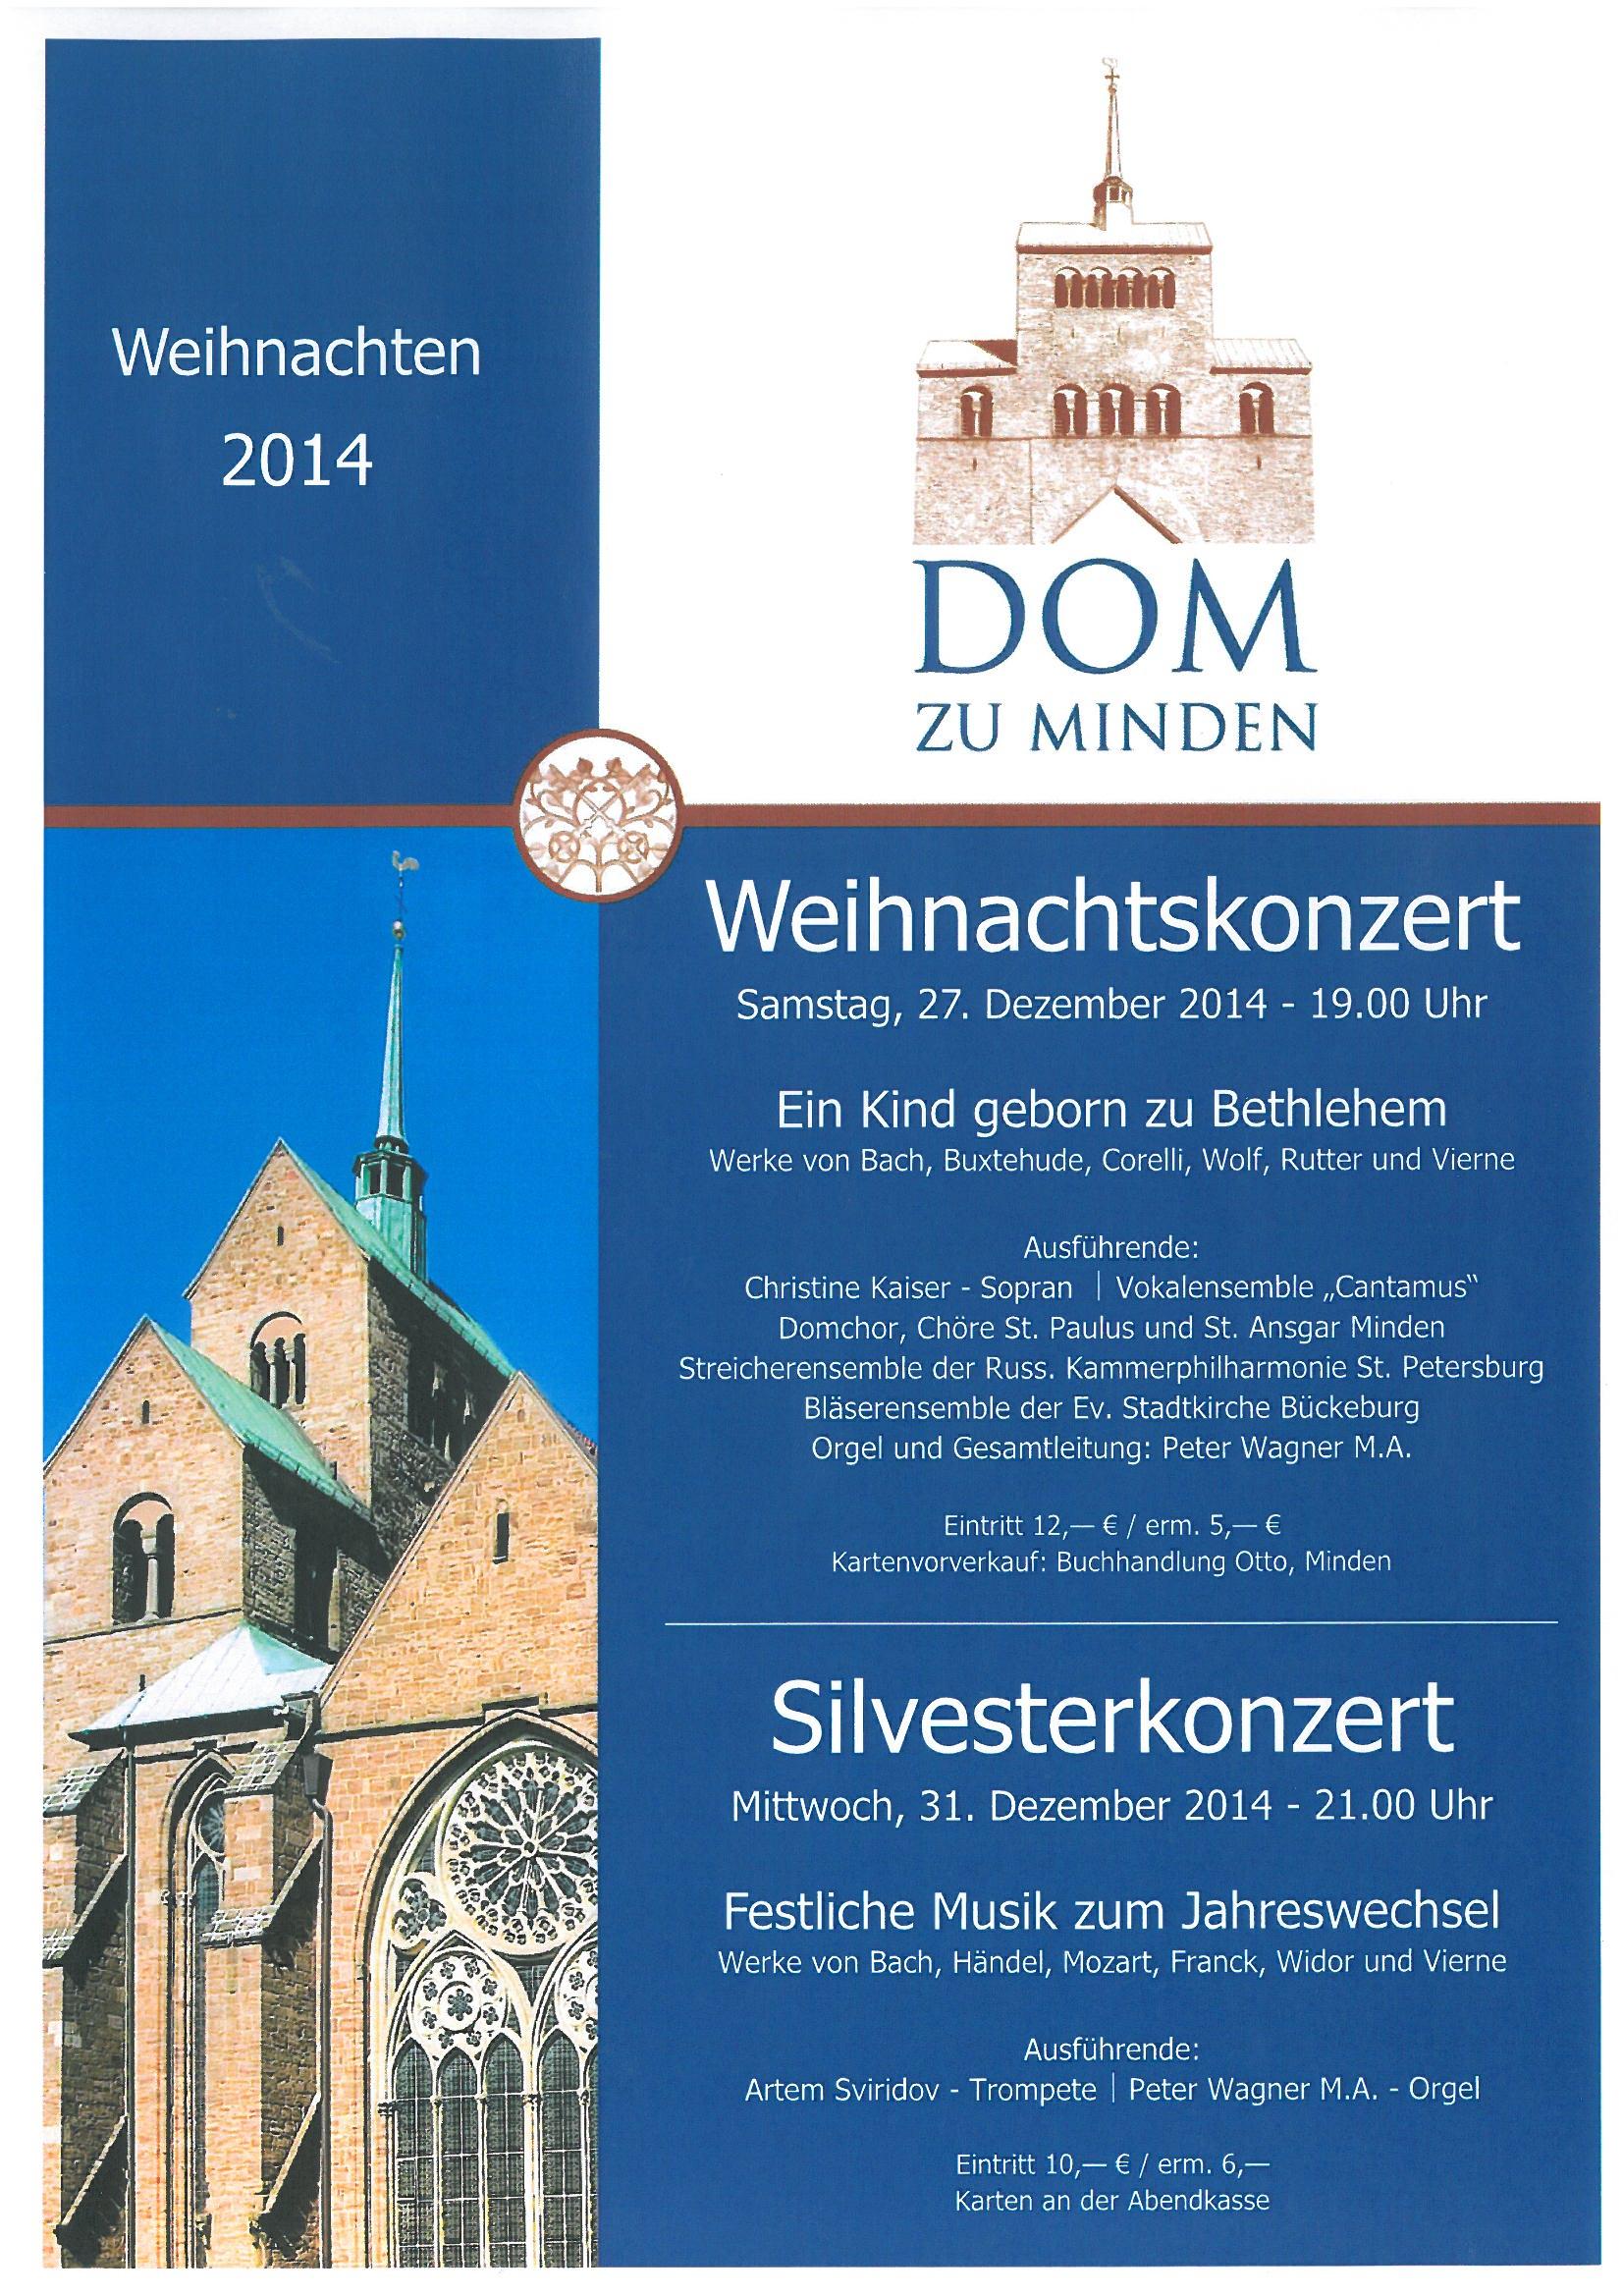 Weihnachtskonzert und Silvesterkonzert 2014